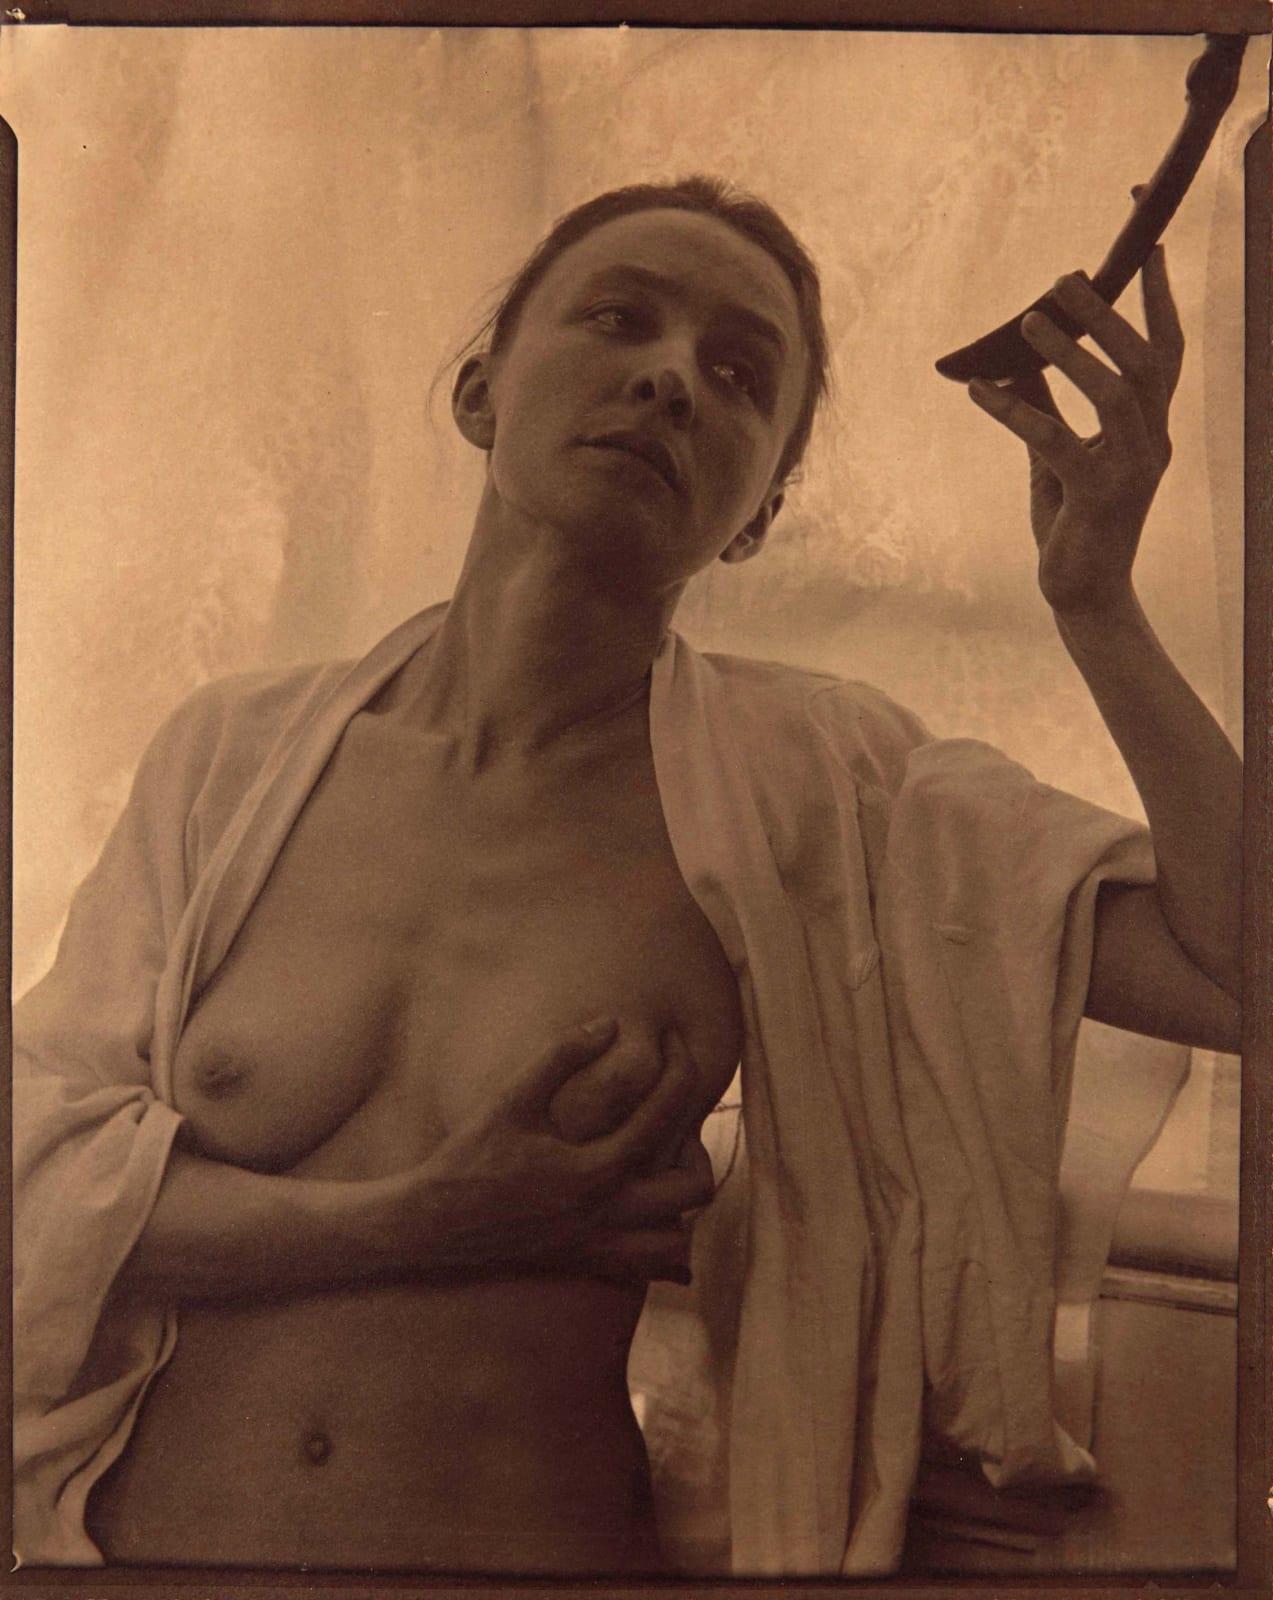 Alfred Stieglitz, Georgia O'Keeffe, 1919